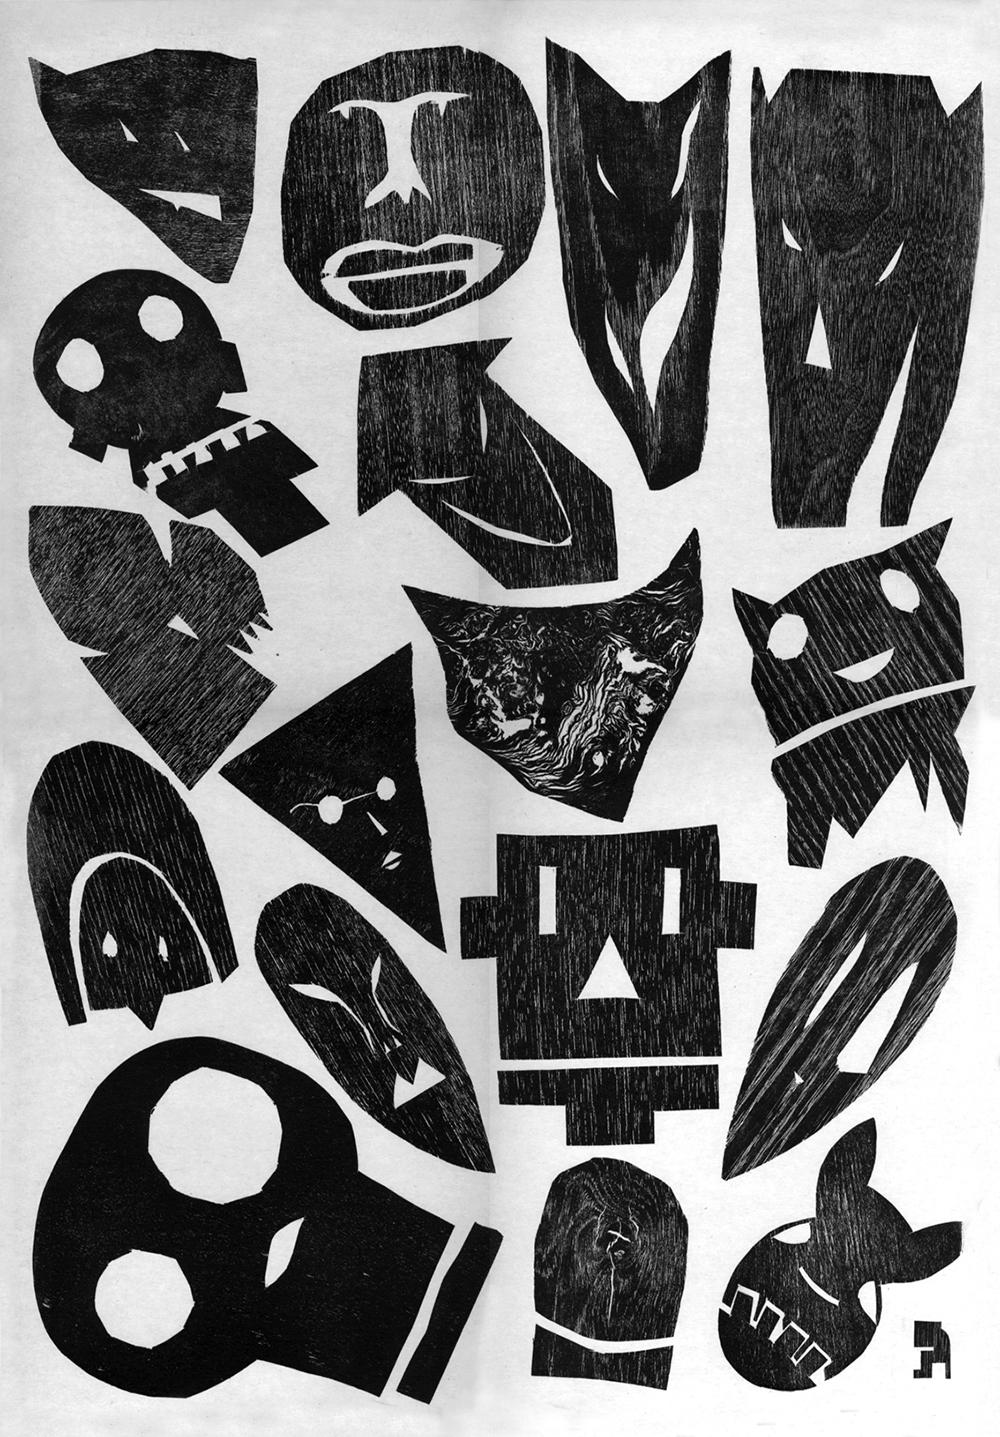 פרצופים הנראים כמגזרות נייר מפחידות. ערן נווה ואוריאל הר טוב, דפוס בלט